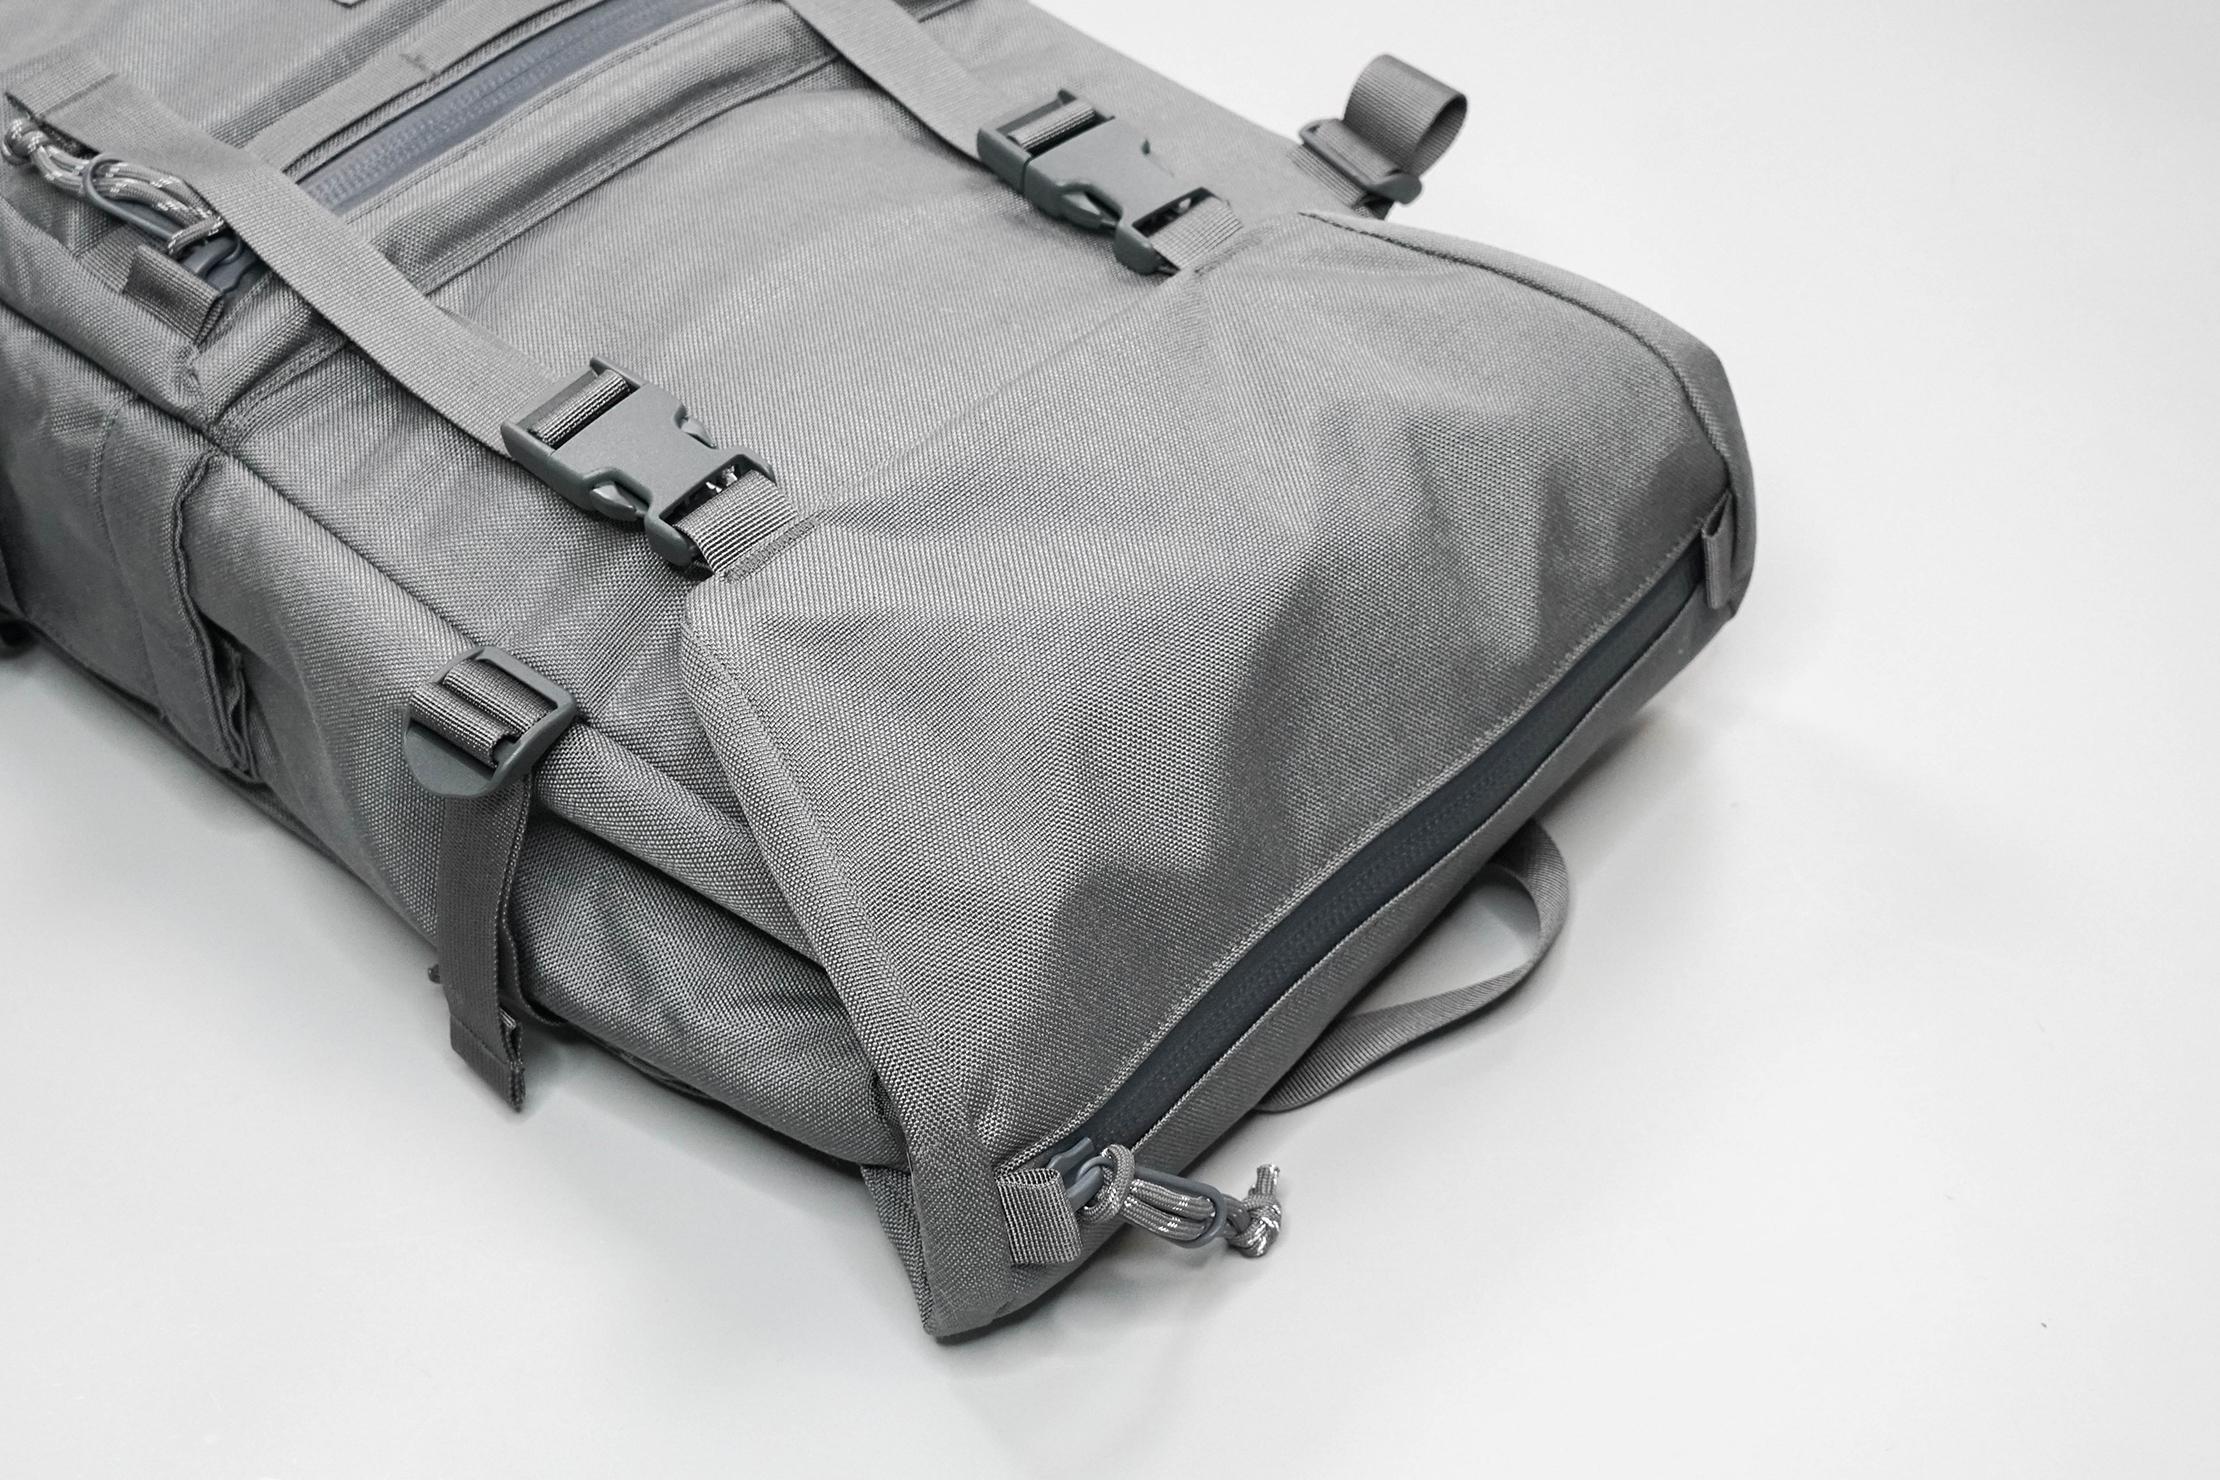 Topo Designs Rover Pack Tech Top